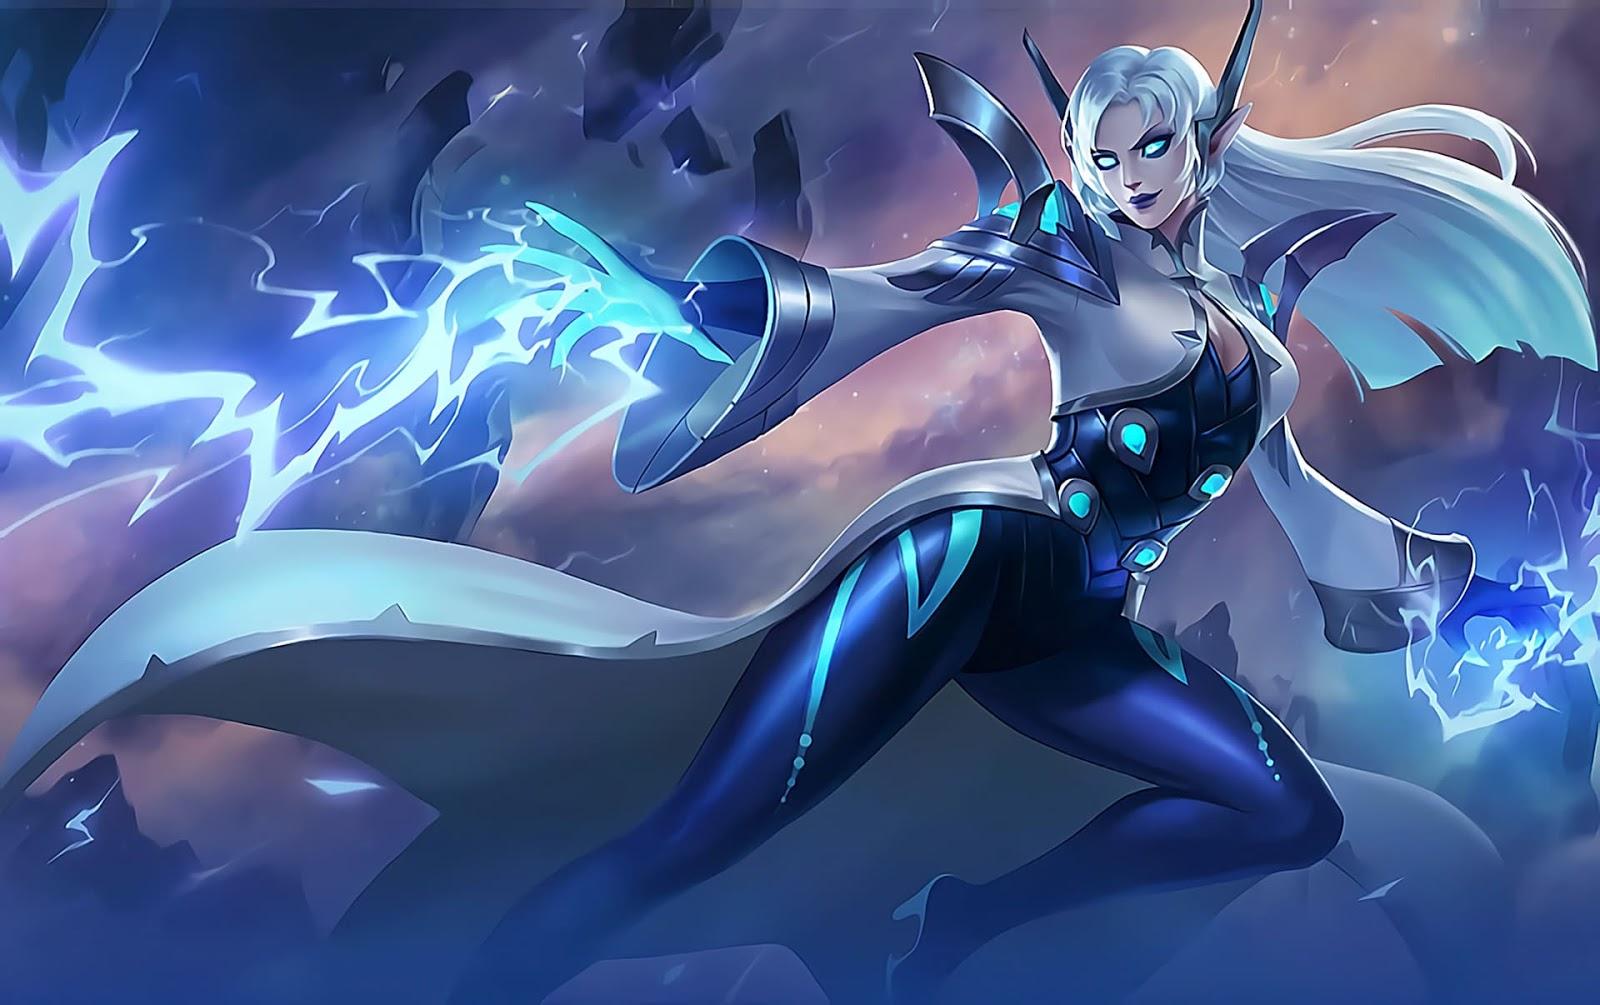 Wallpaper Eudora Lightning Sorceress Skins Mobile Legends HD for PC